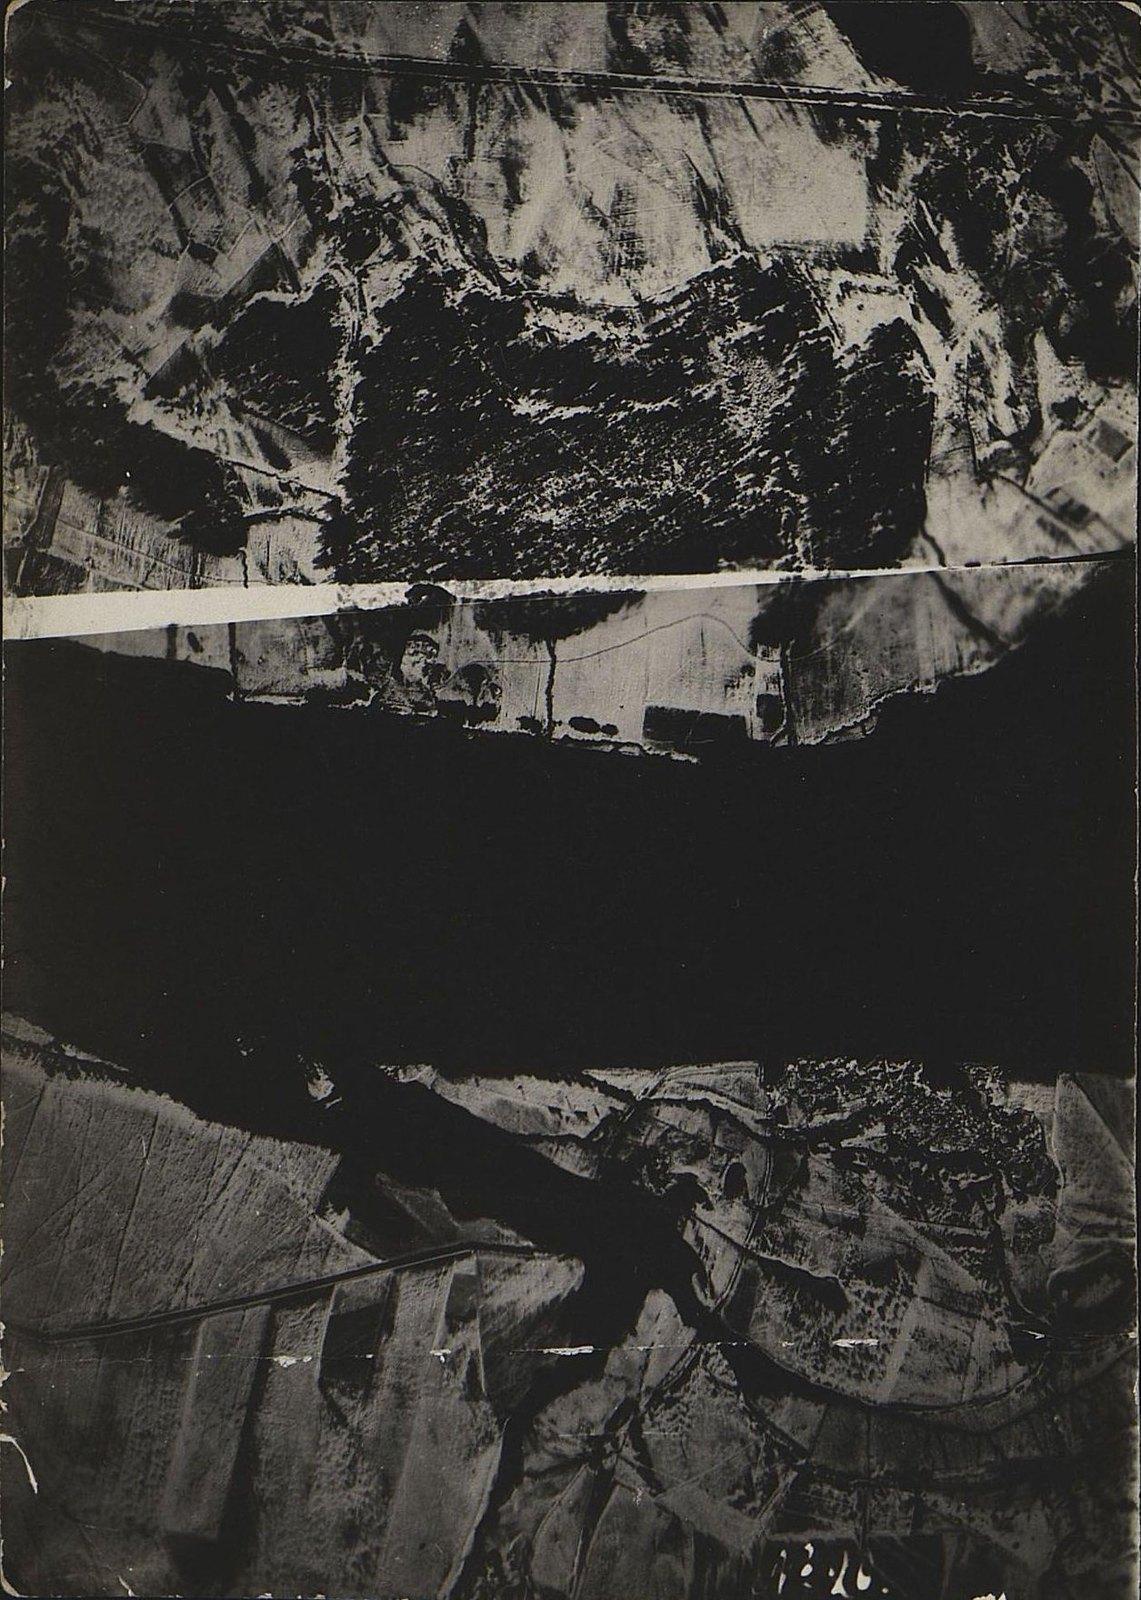 1916. Зимняя фоторазведка Двины (севернее Двинска) на одном из участков Северного фронта (снимок пятый)